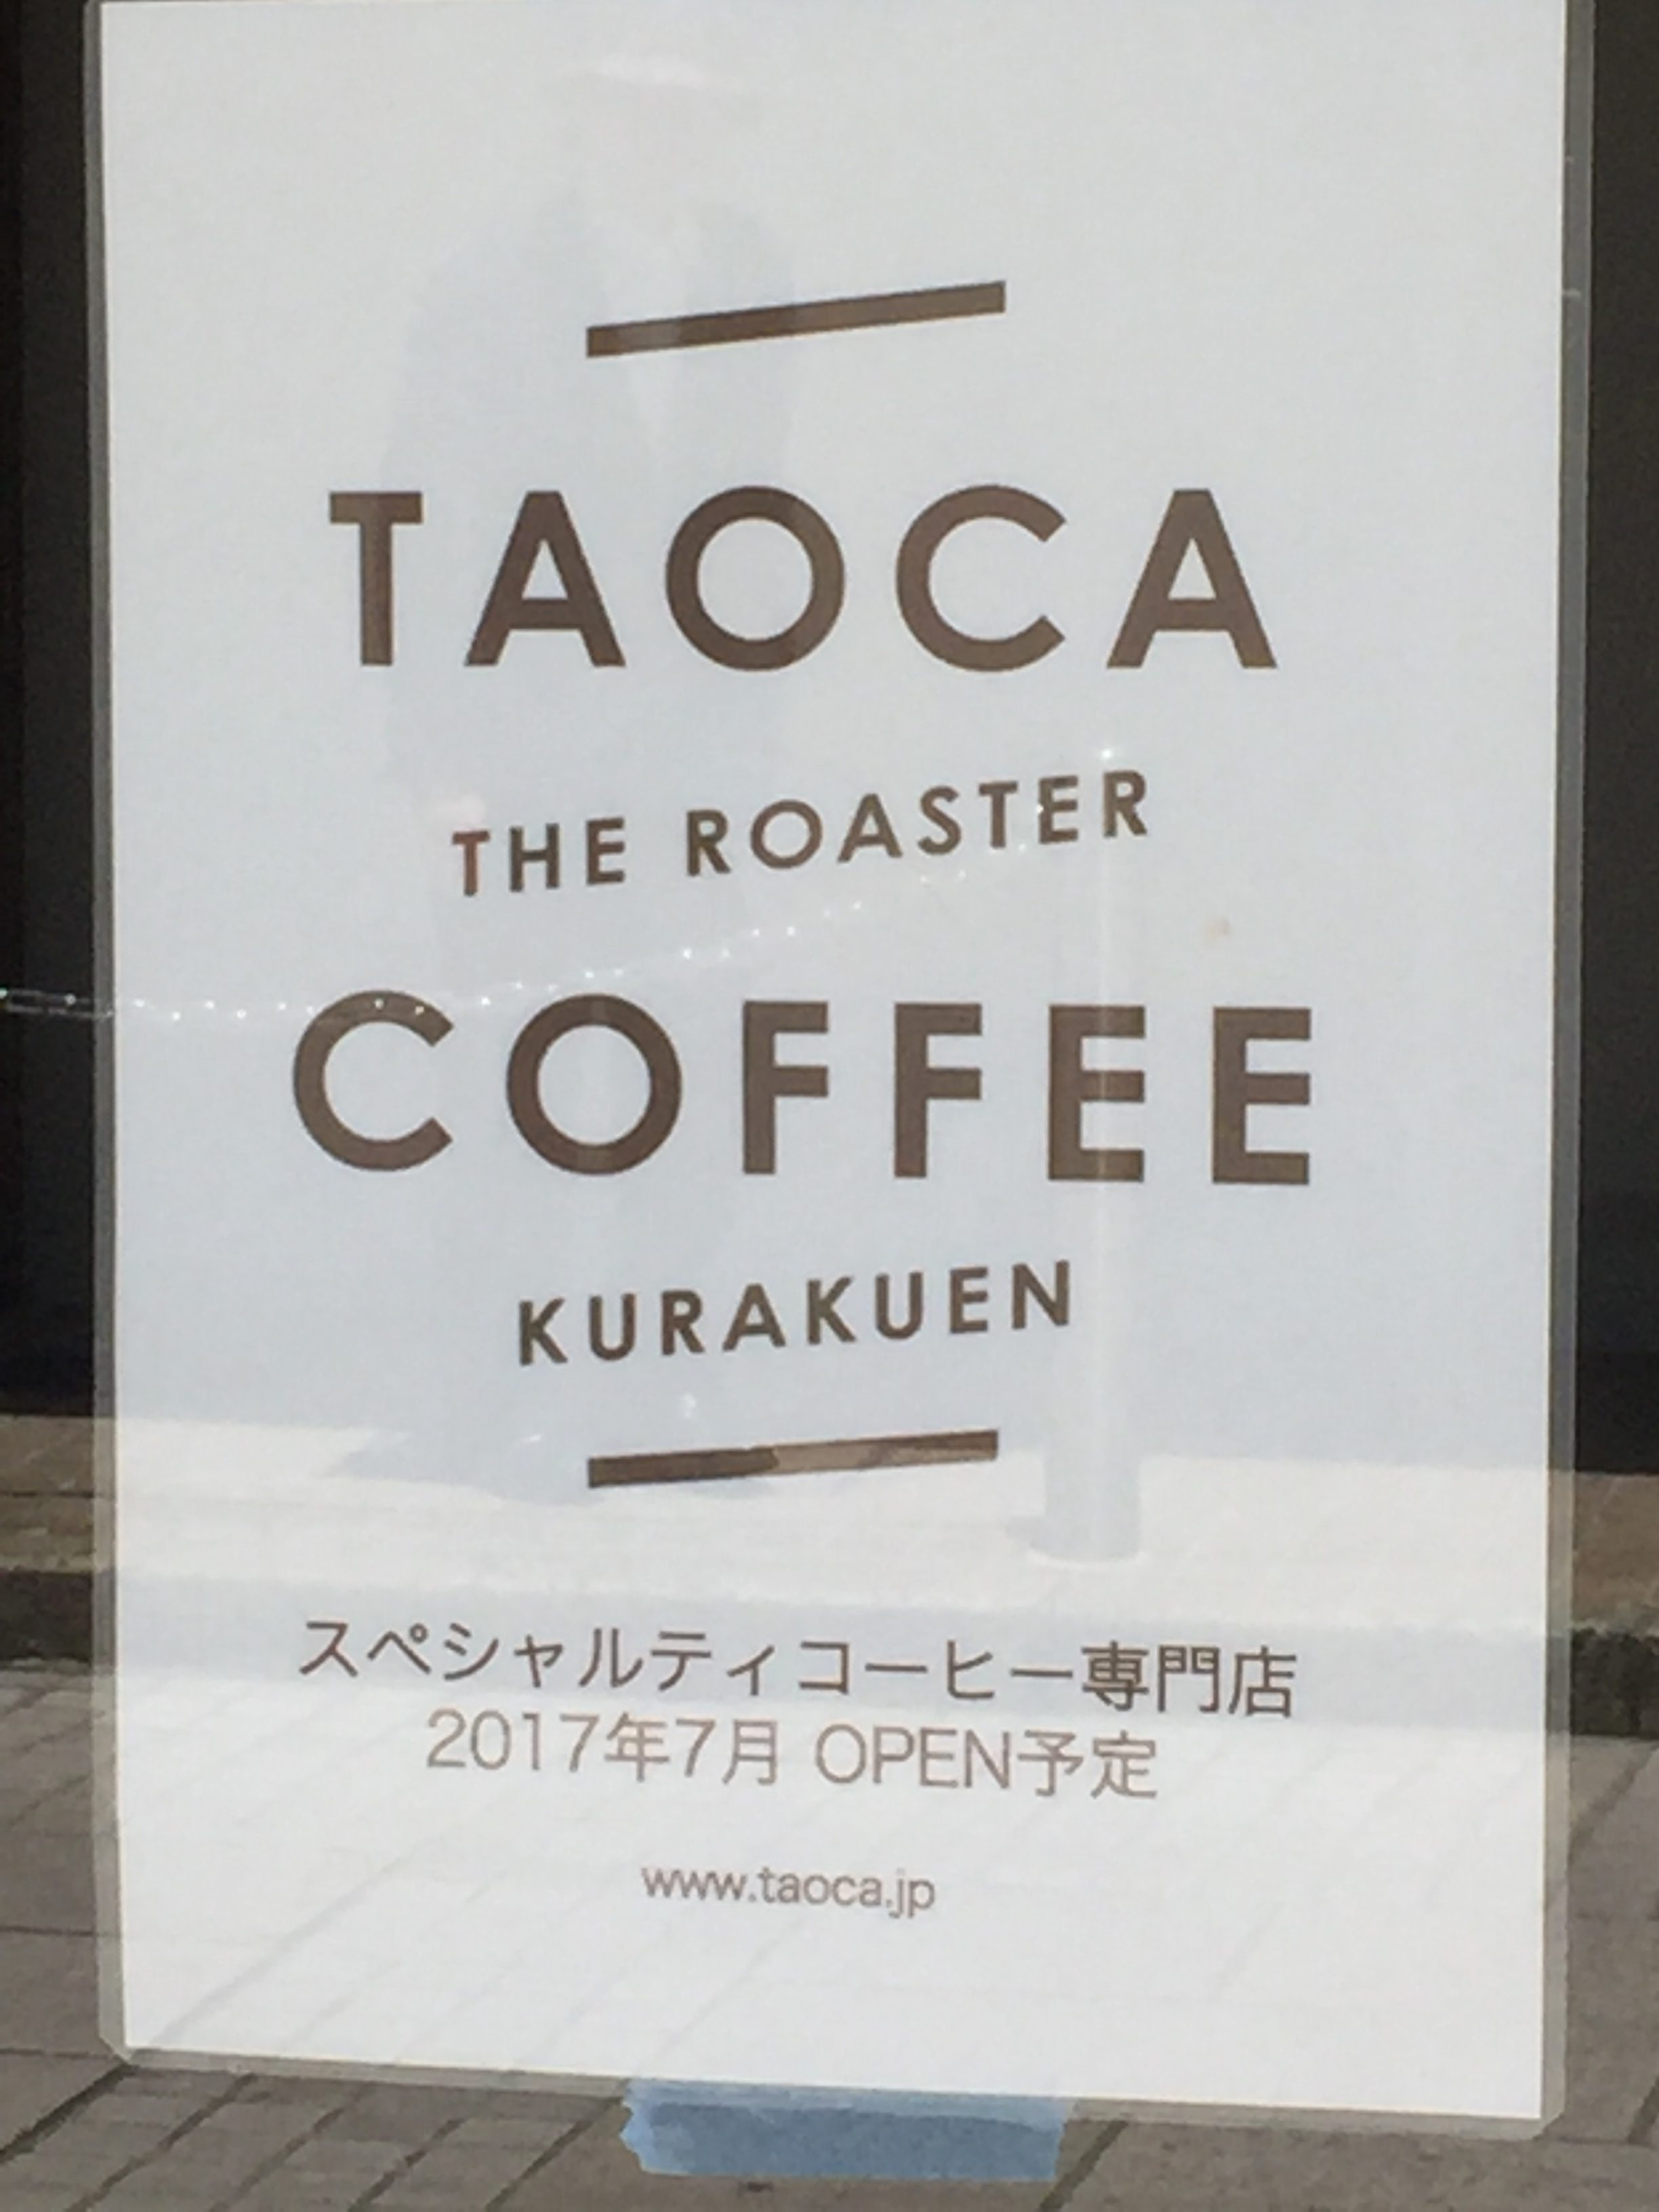 神戸・阪急岡本駅すぐそばに「TAOCA COFFEE(タオカコーヒー)」が2017年7月にオープンするよ【新規オープン】